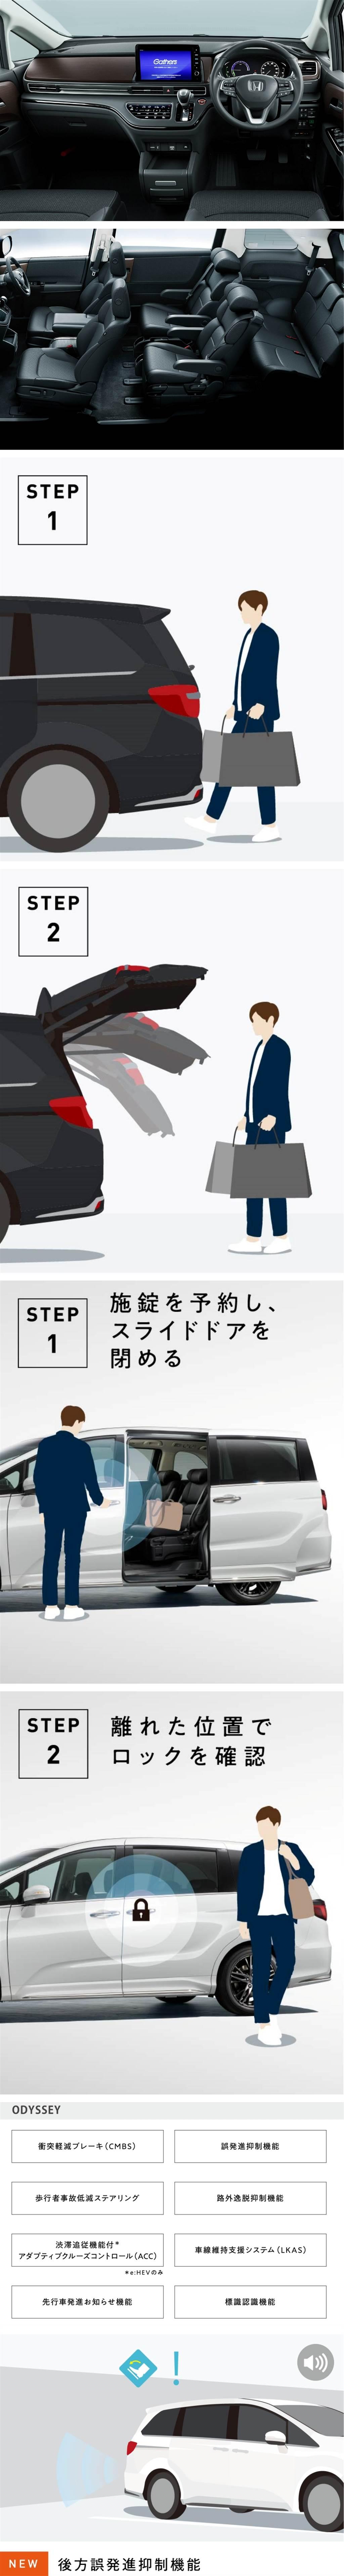 Honda Odyssey 二度改款資訊再度釋出、手勢控制/預約鎖定電動側滑門為最大亮點